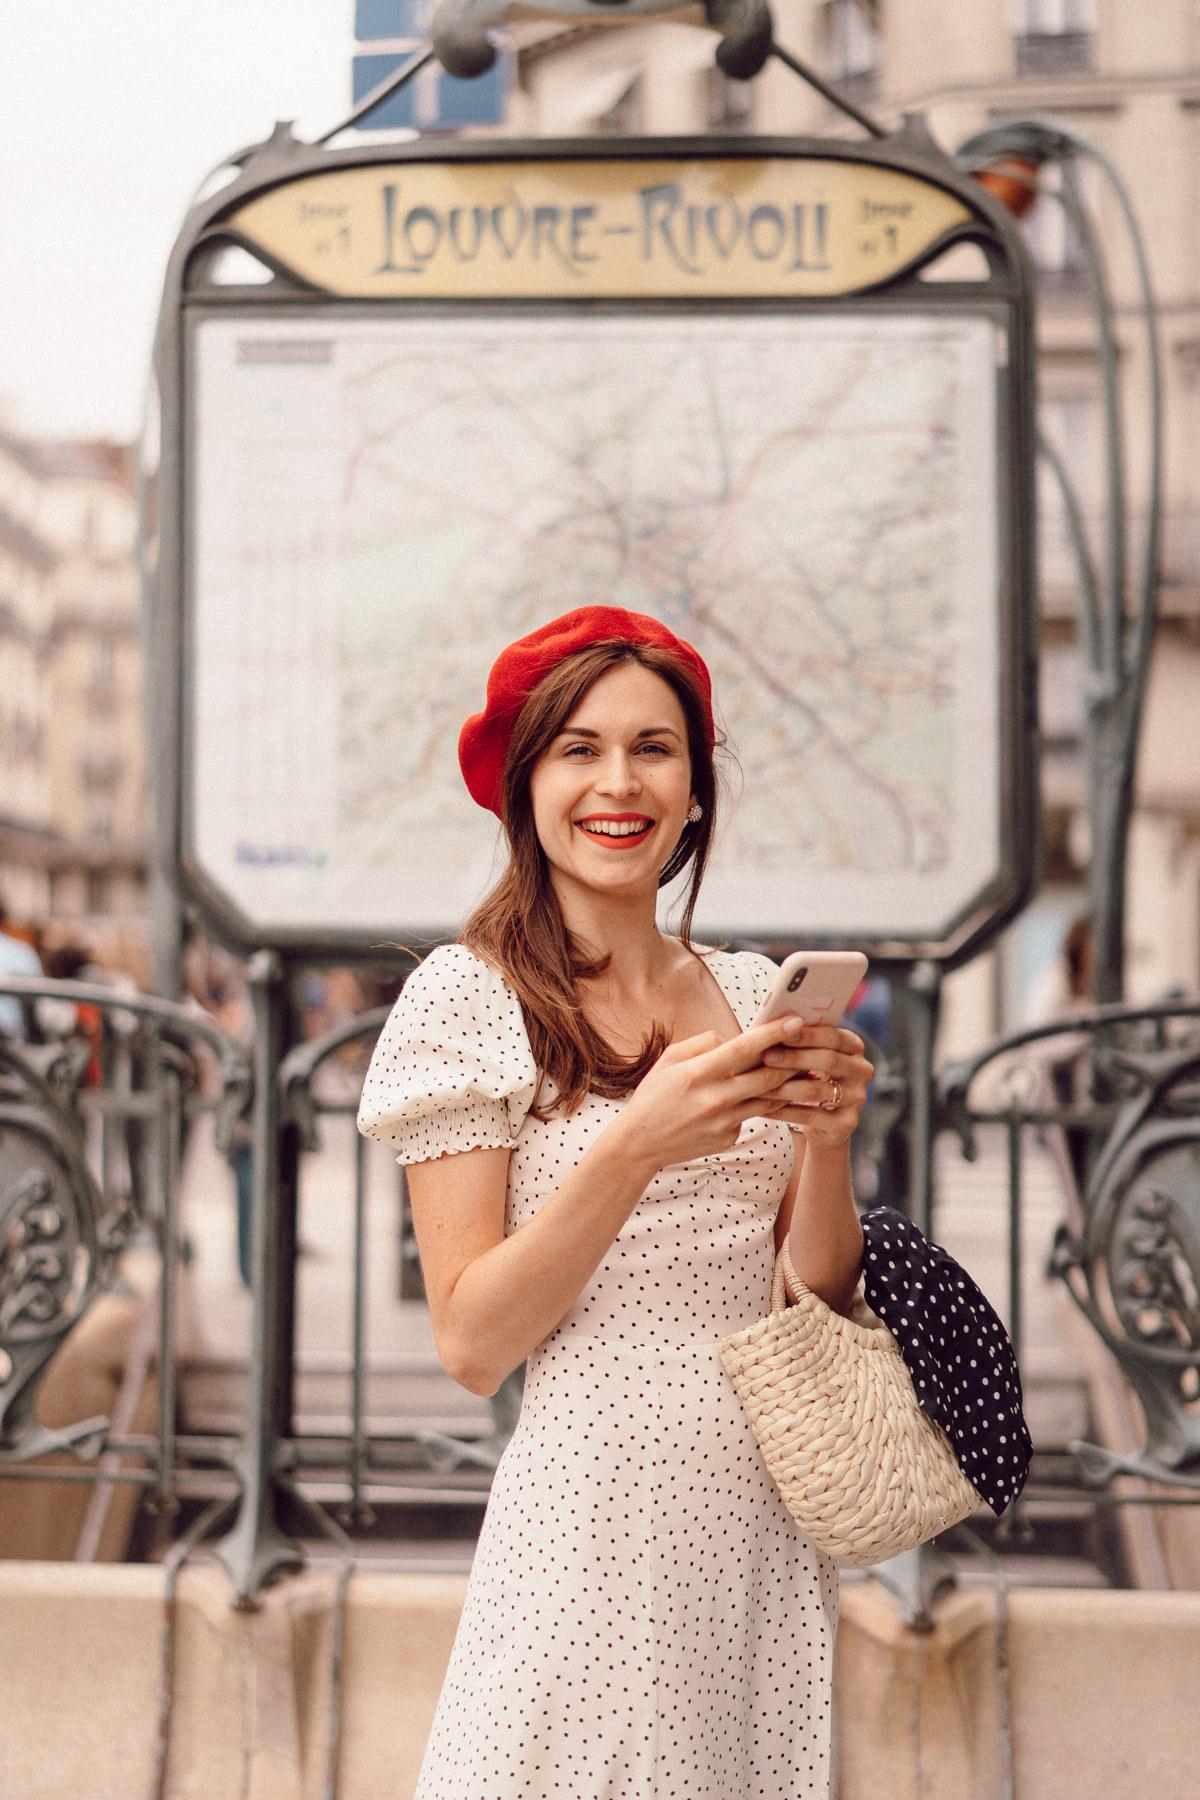 Interview exclusive d'automne avec l'élégante influenceuse parisienne Daphné Moreau - Mode, beauté et lifestyle